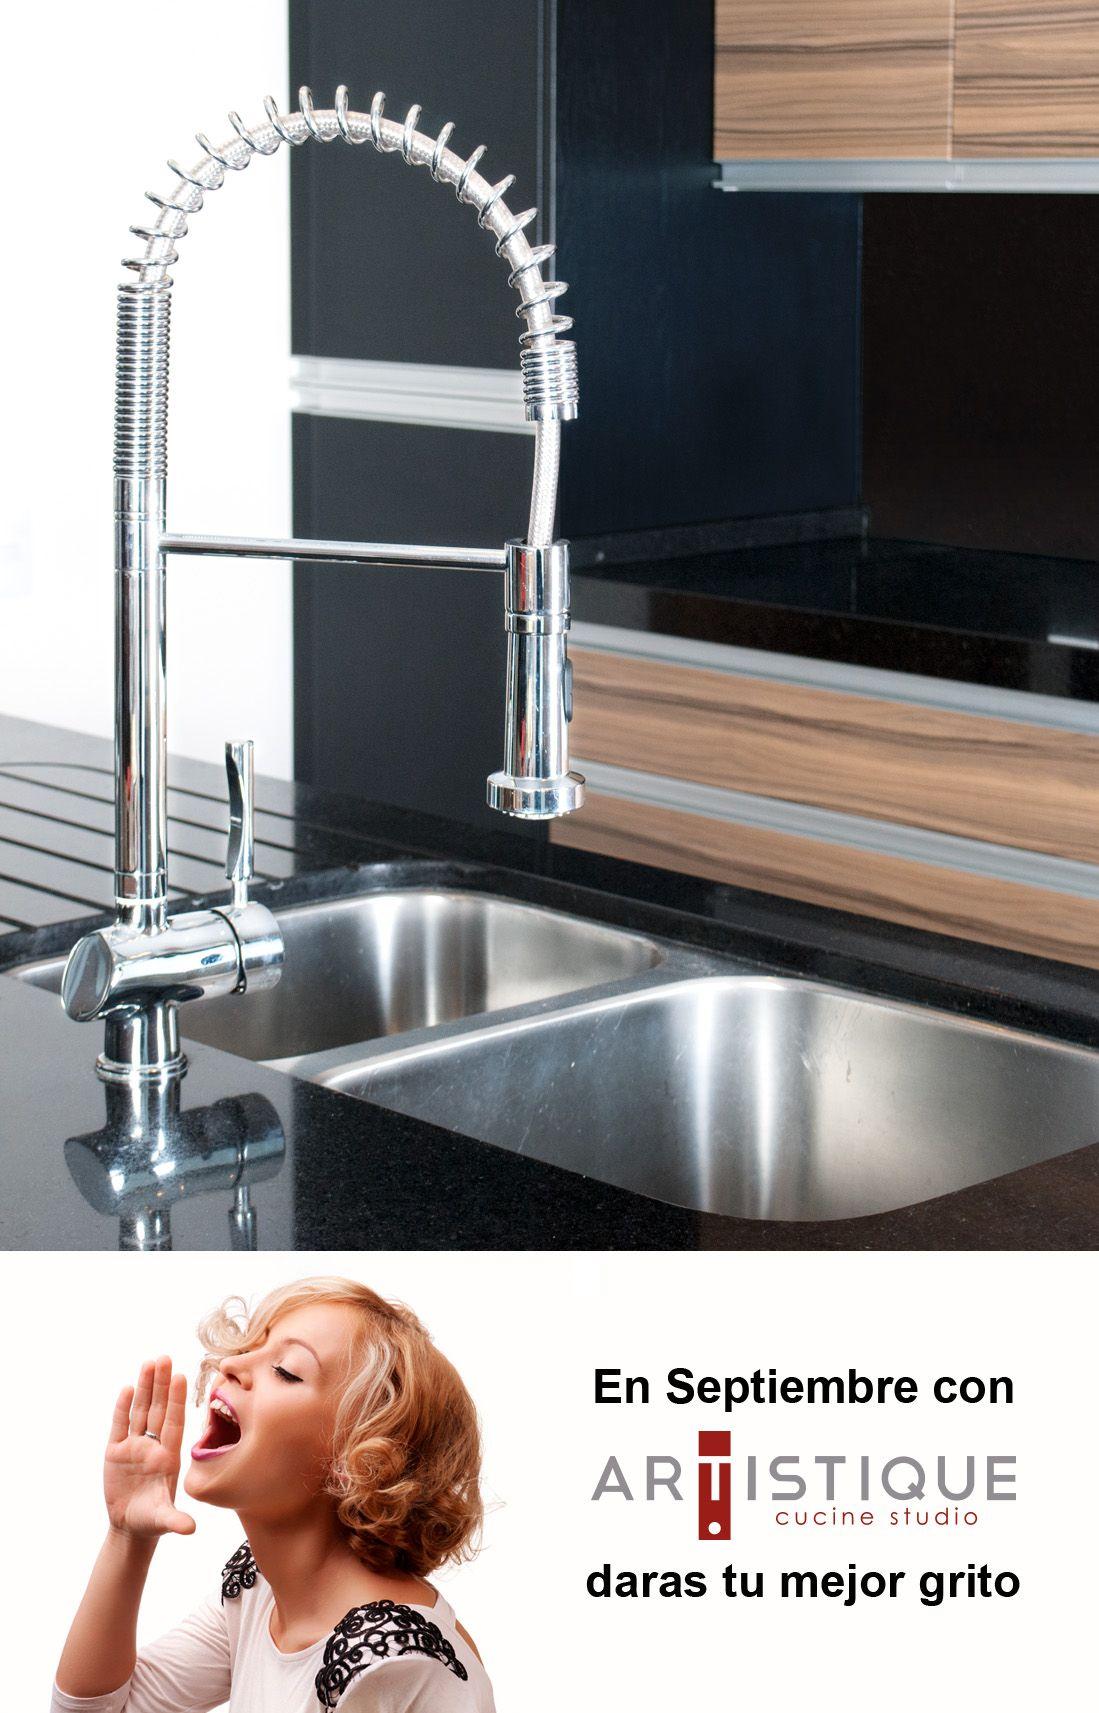 En Septiembre con Cocinas Artistique, darás tu mejor grito...! Nuestras promociones también aplican a los accesorios y equipos, pregunte por ellas: www.cocinasartistique.com.mx